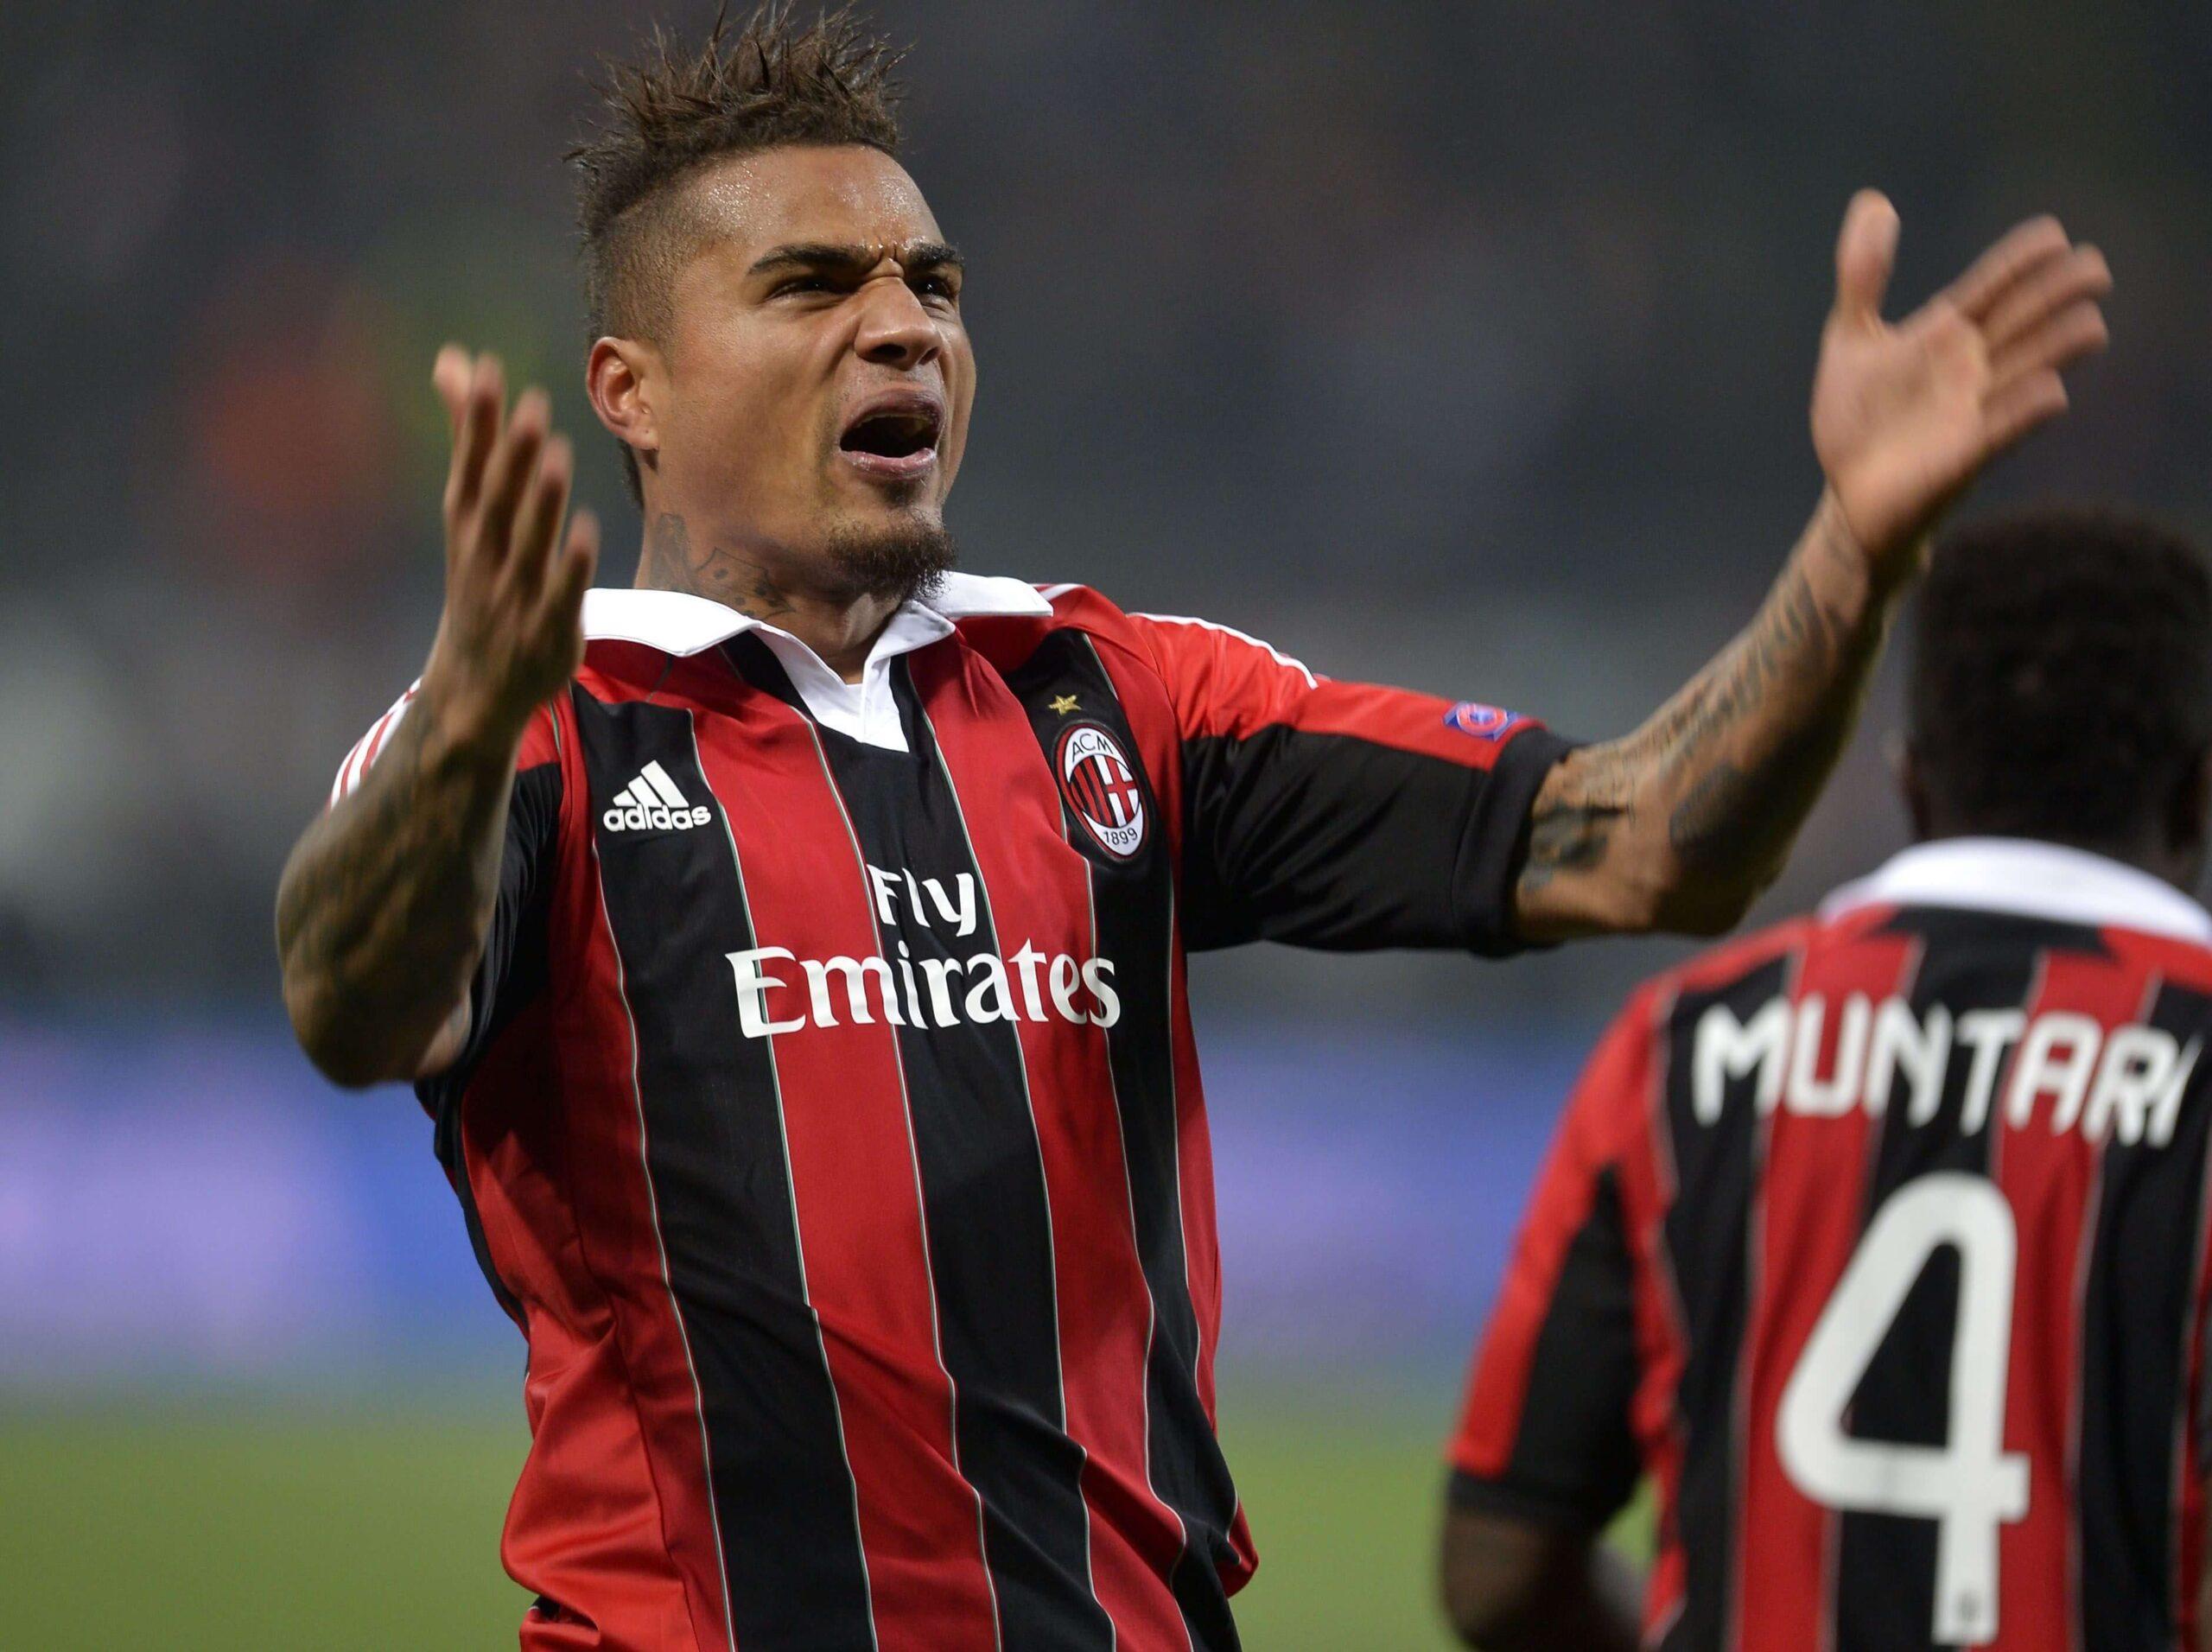 AC Milan images